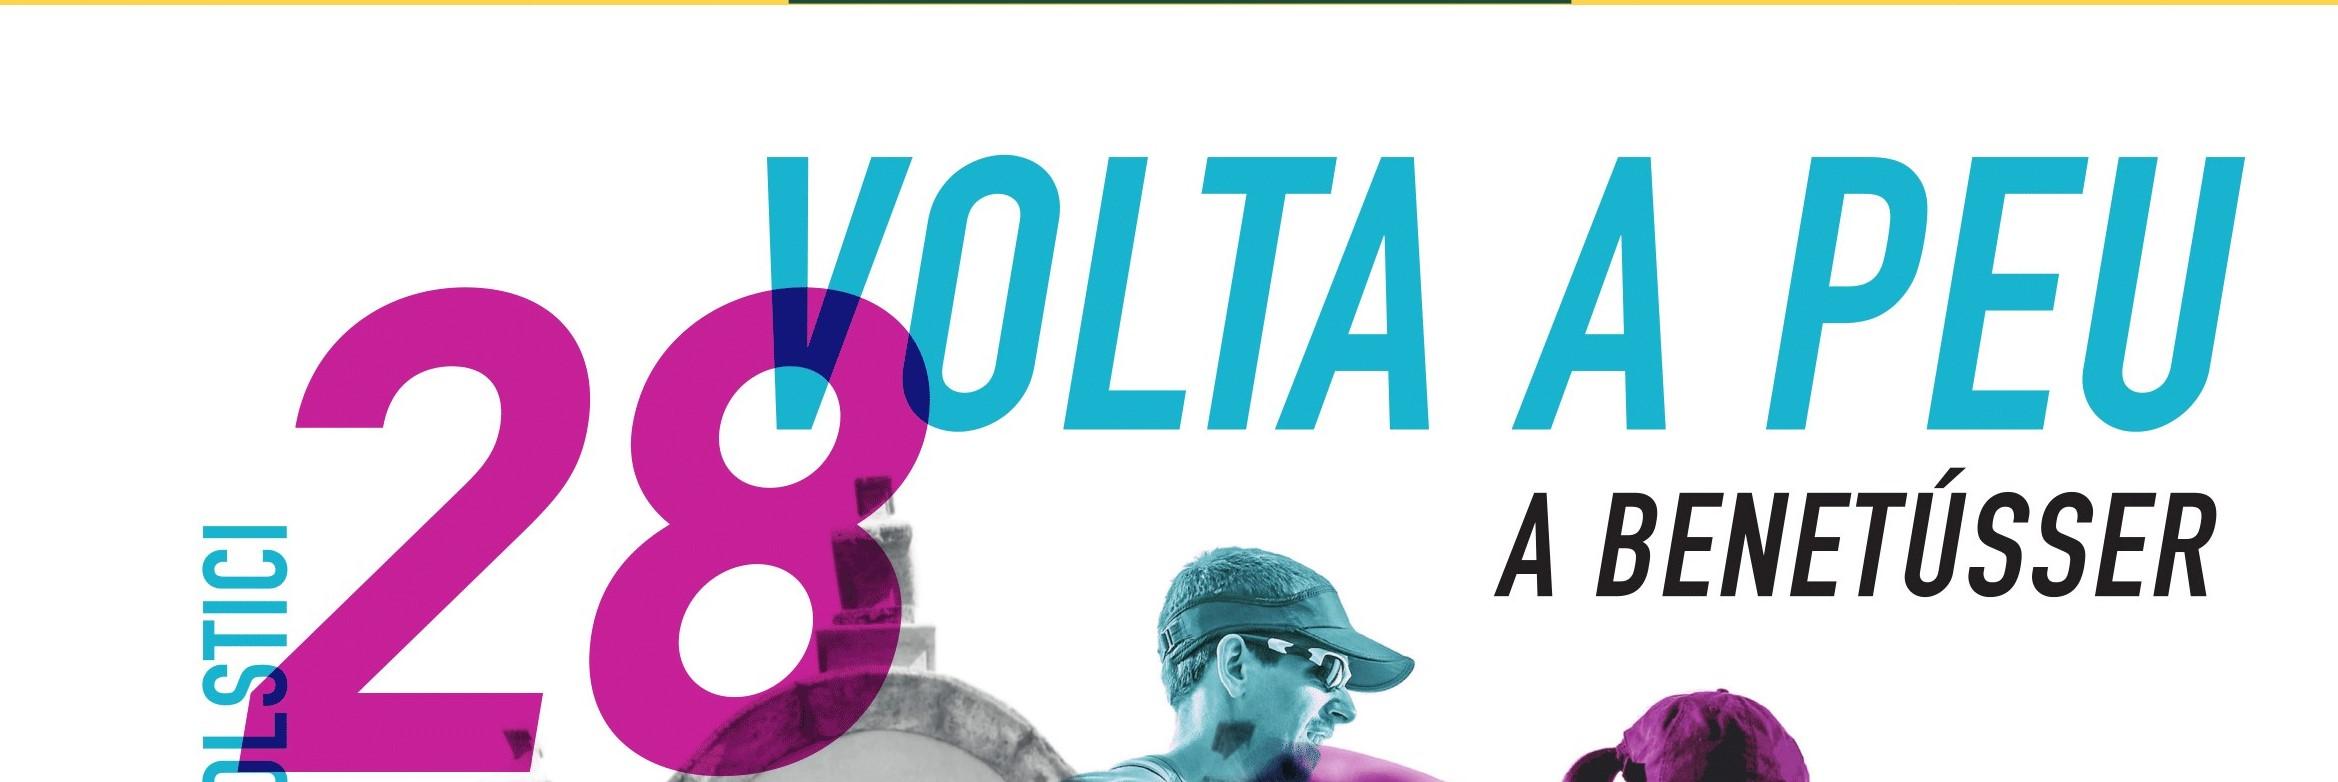 XXVIII VOLTA A PEU BENETUSSER (CIRCUIT L'HORTA SUD)